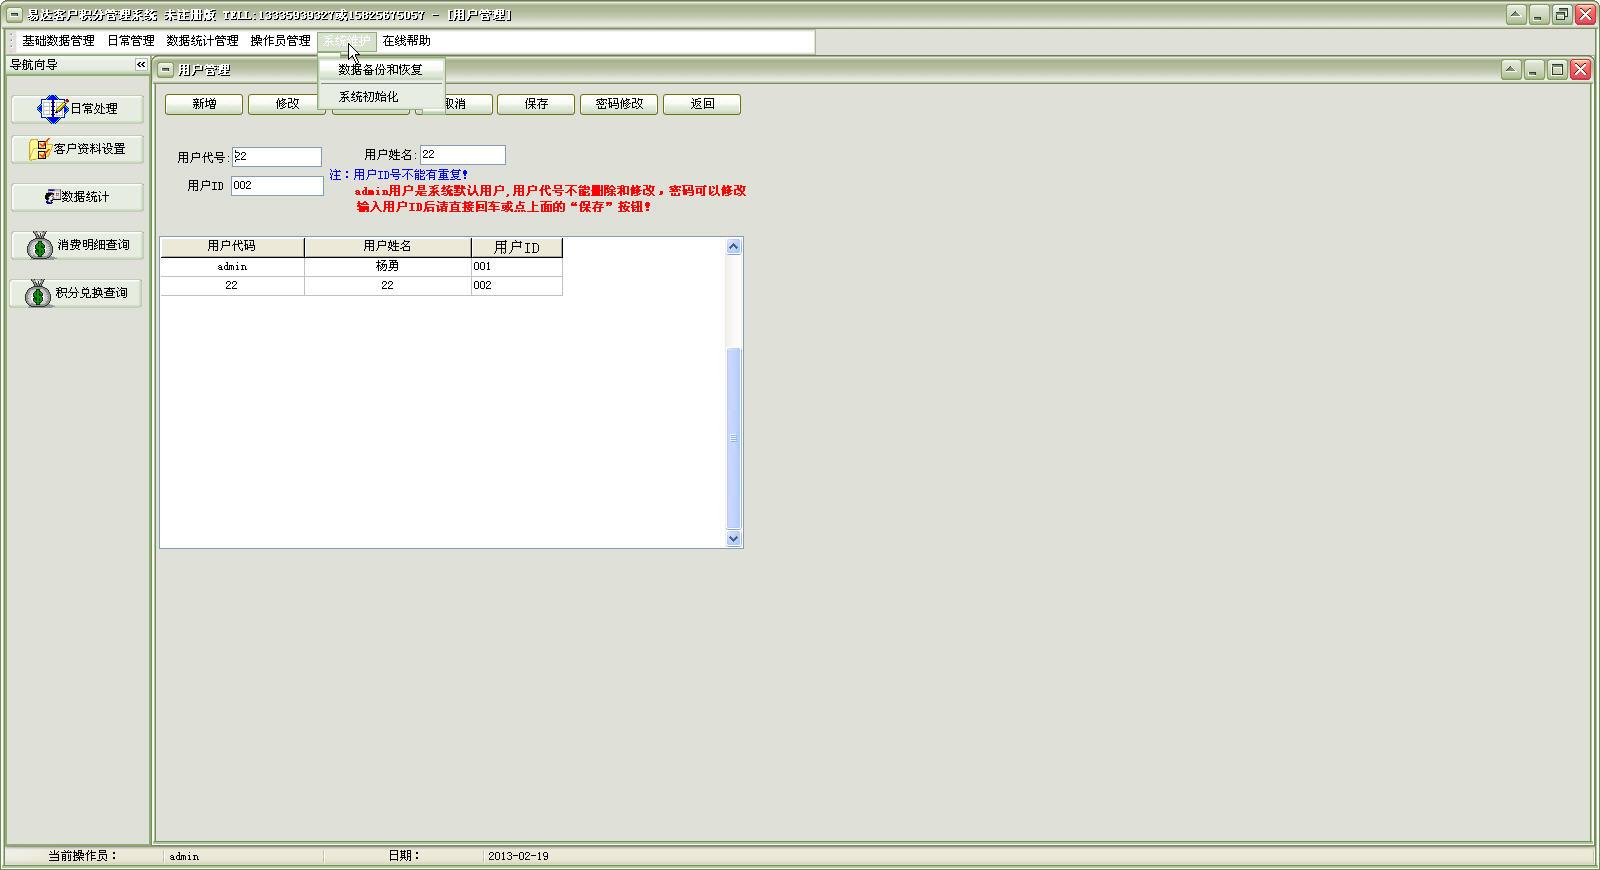 易达客户积分管理系统V21.9.9 共享版